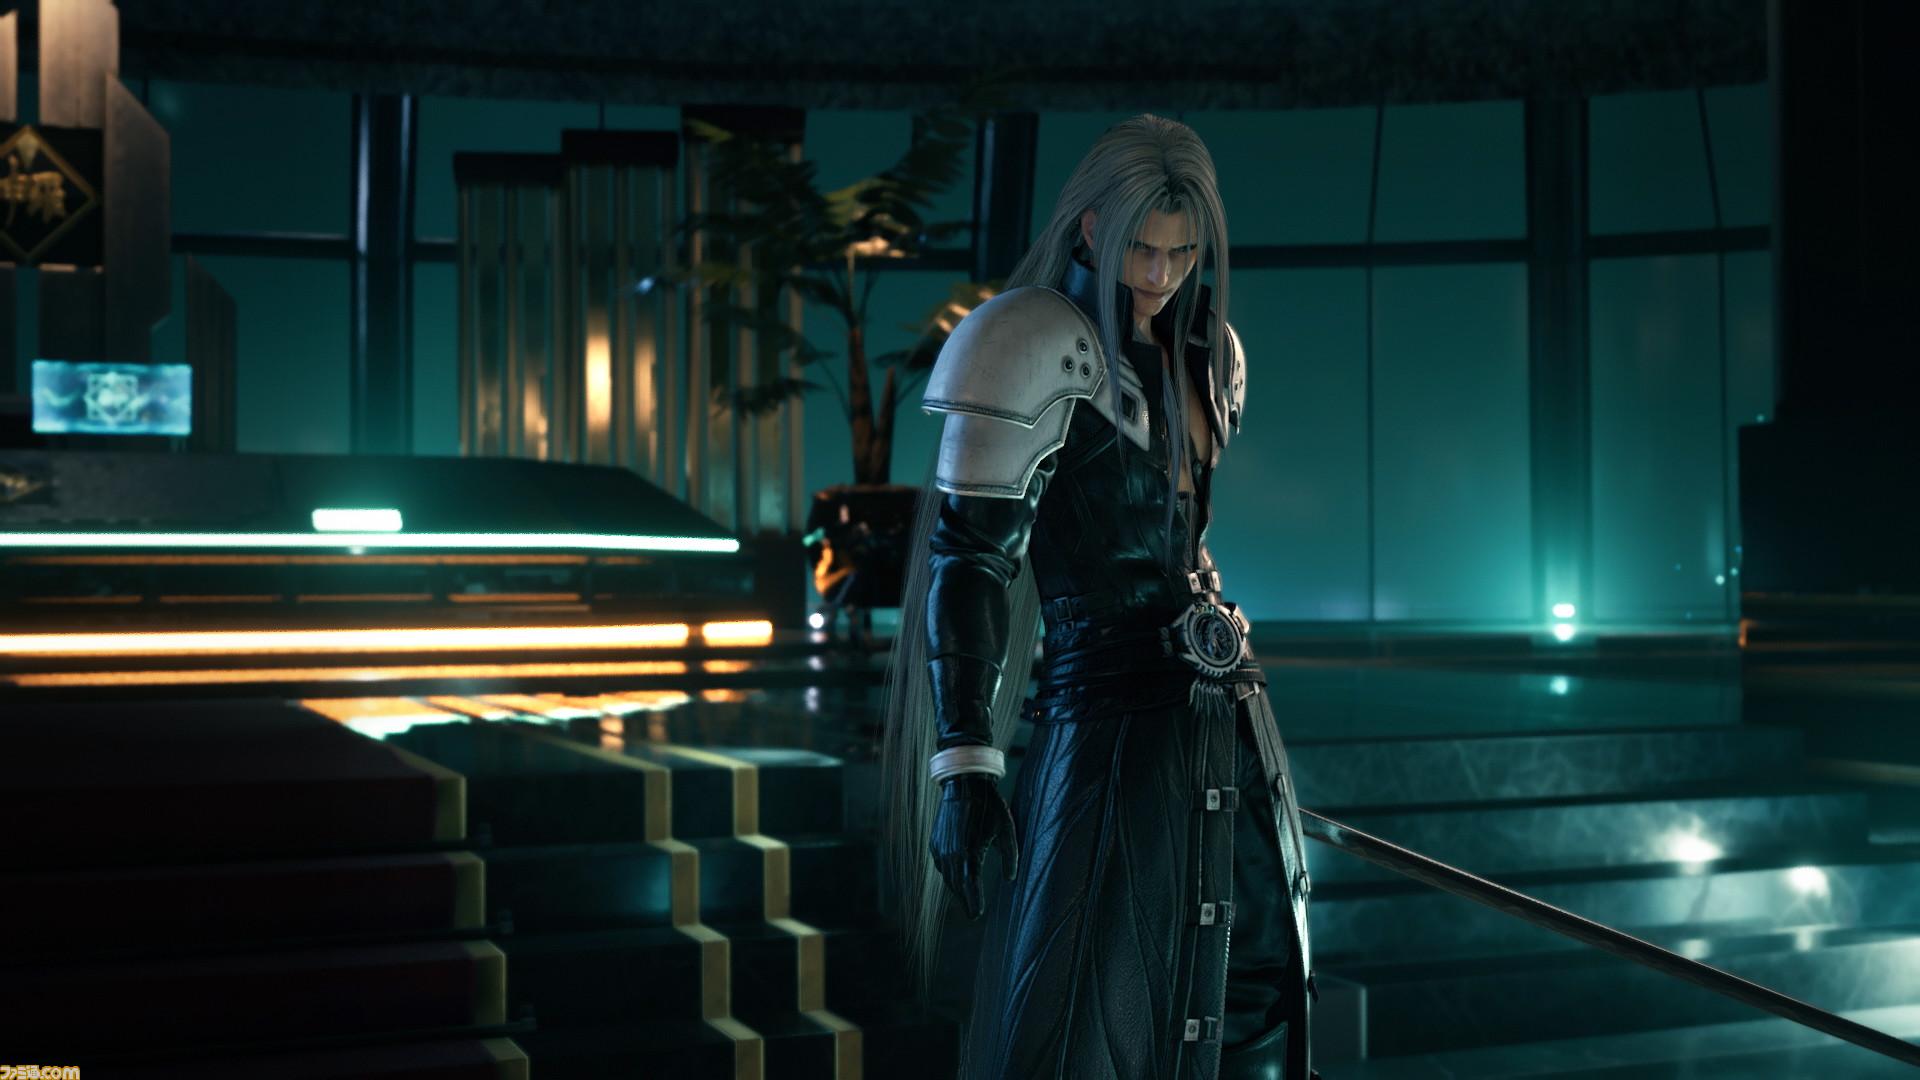 Nouvelles images avant la sortie de Final Fantasy VII Remake